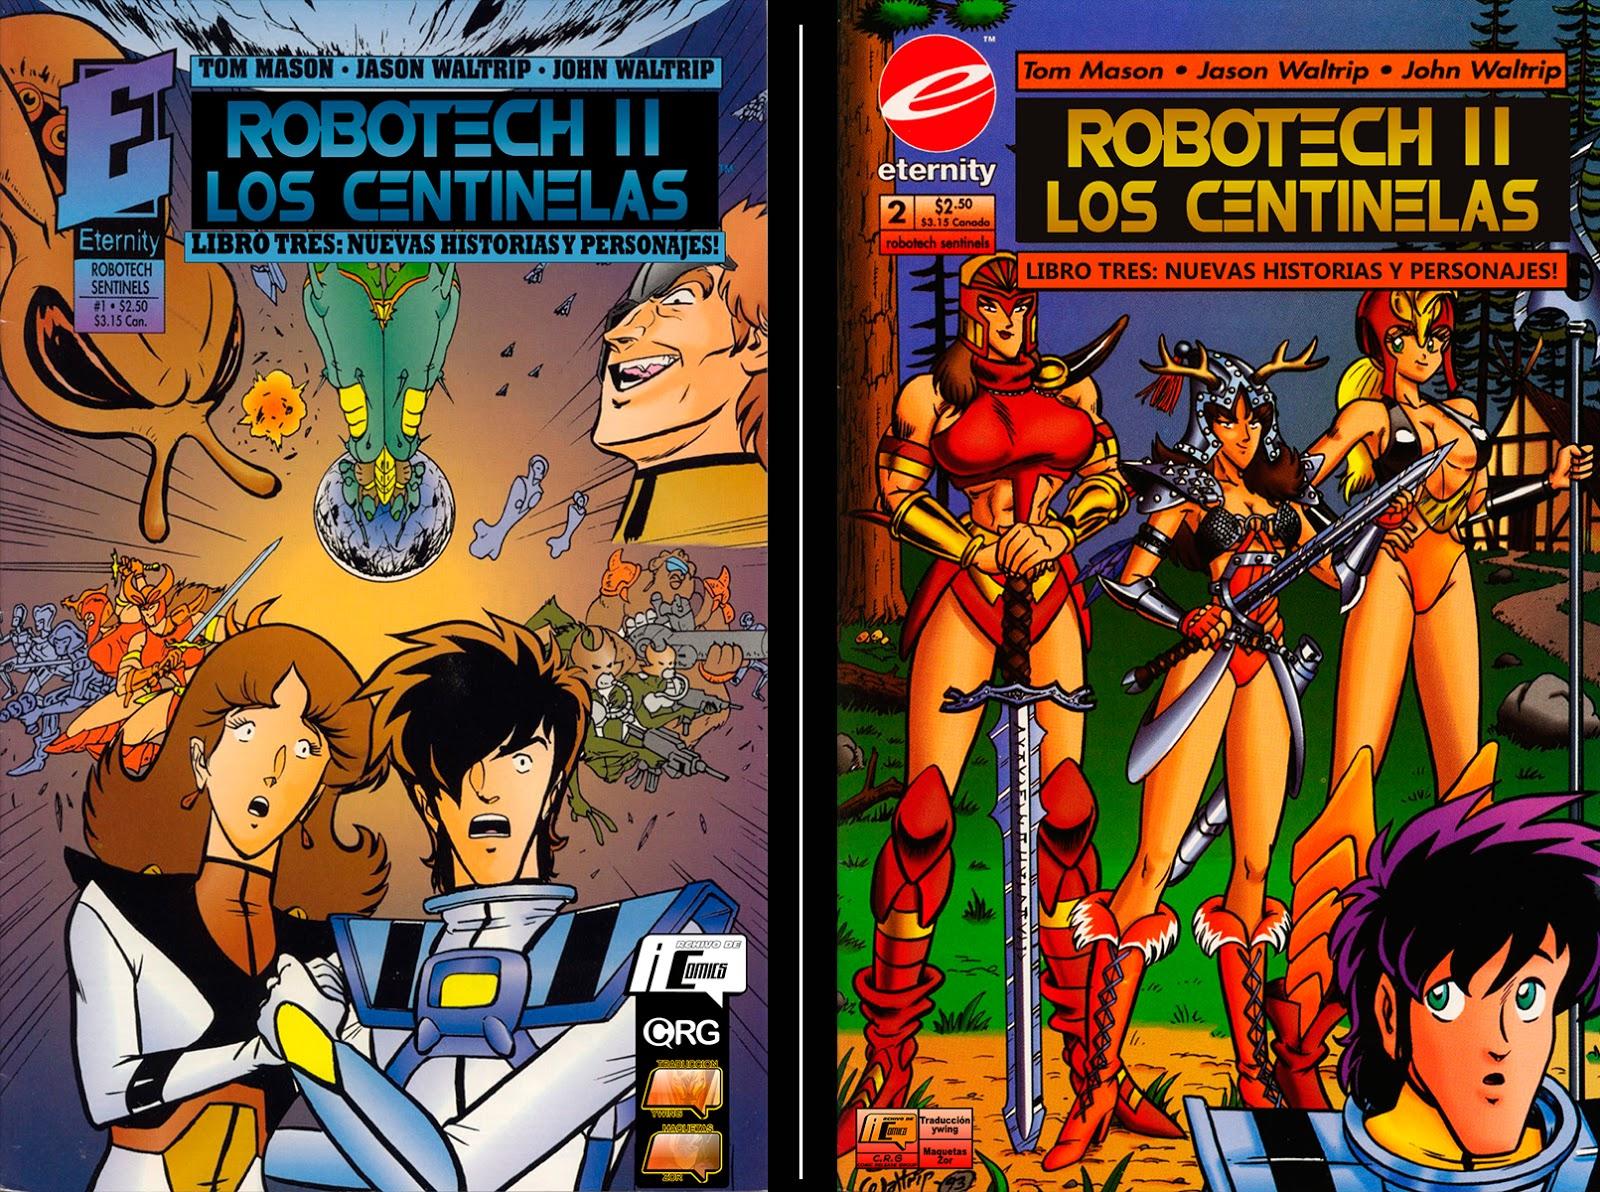 robotech 2 los centinelas